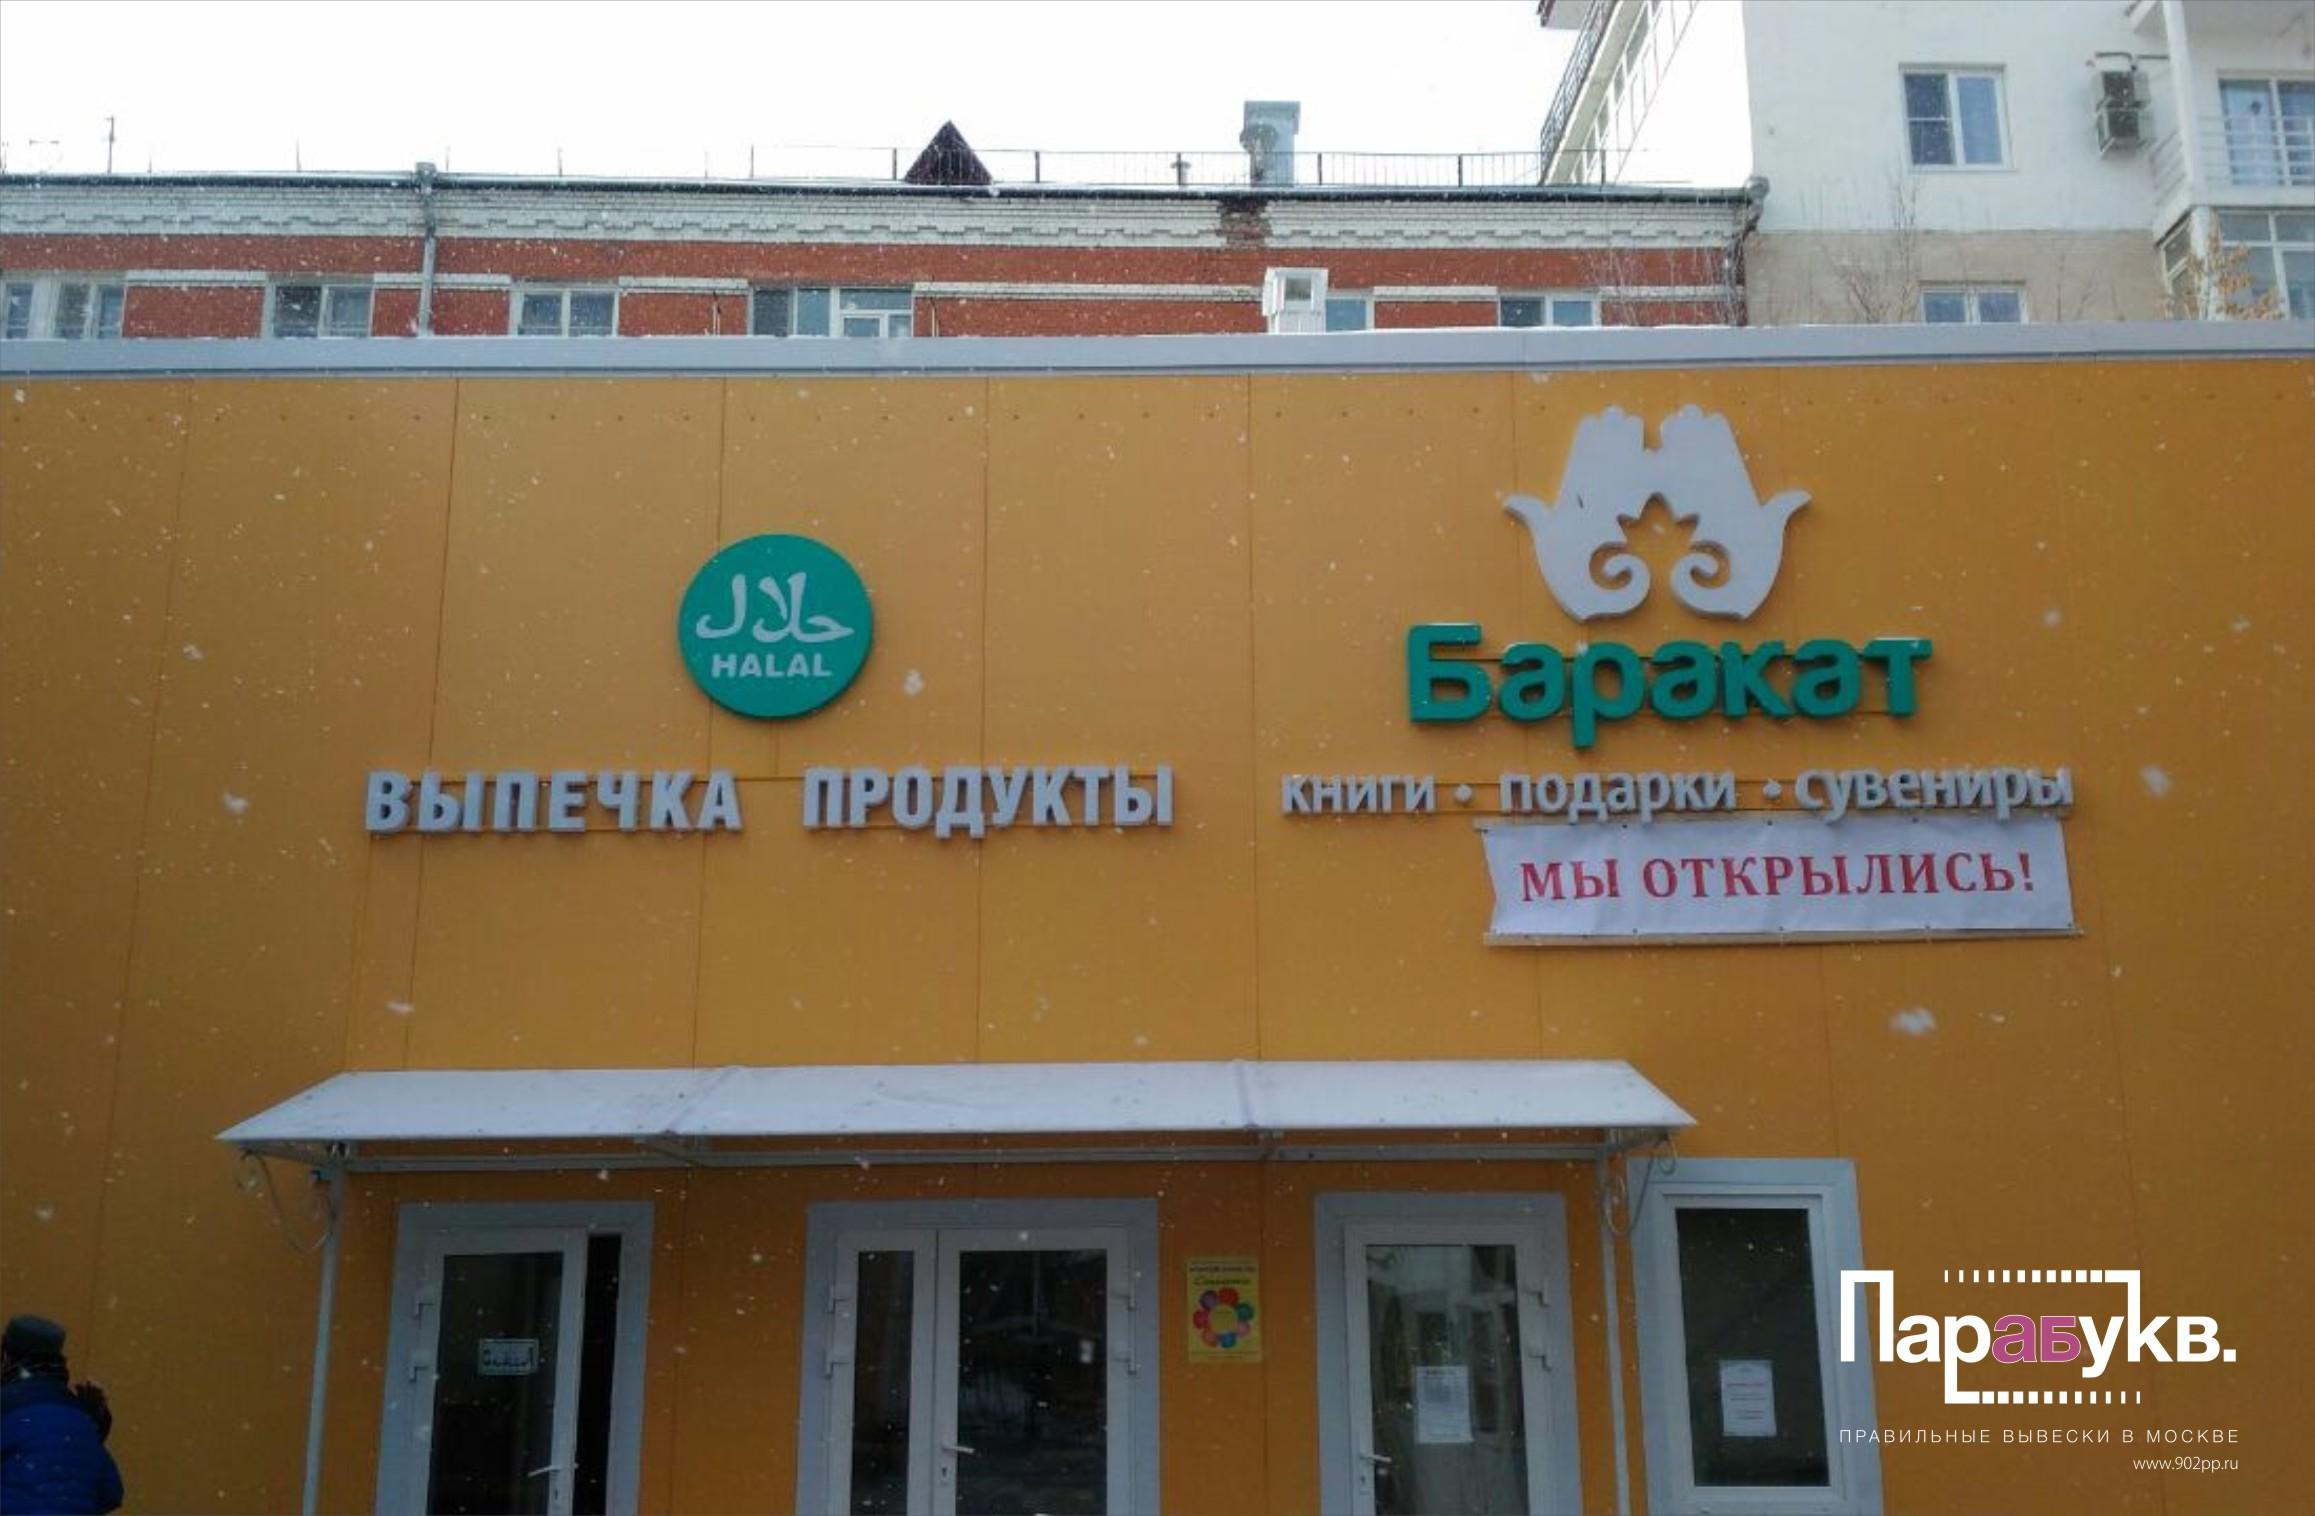 Форма заказа расчета стоимости размещения рекламы на фасадов реклама конкурентов яндекс директ